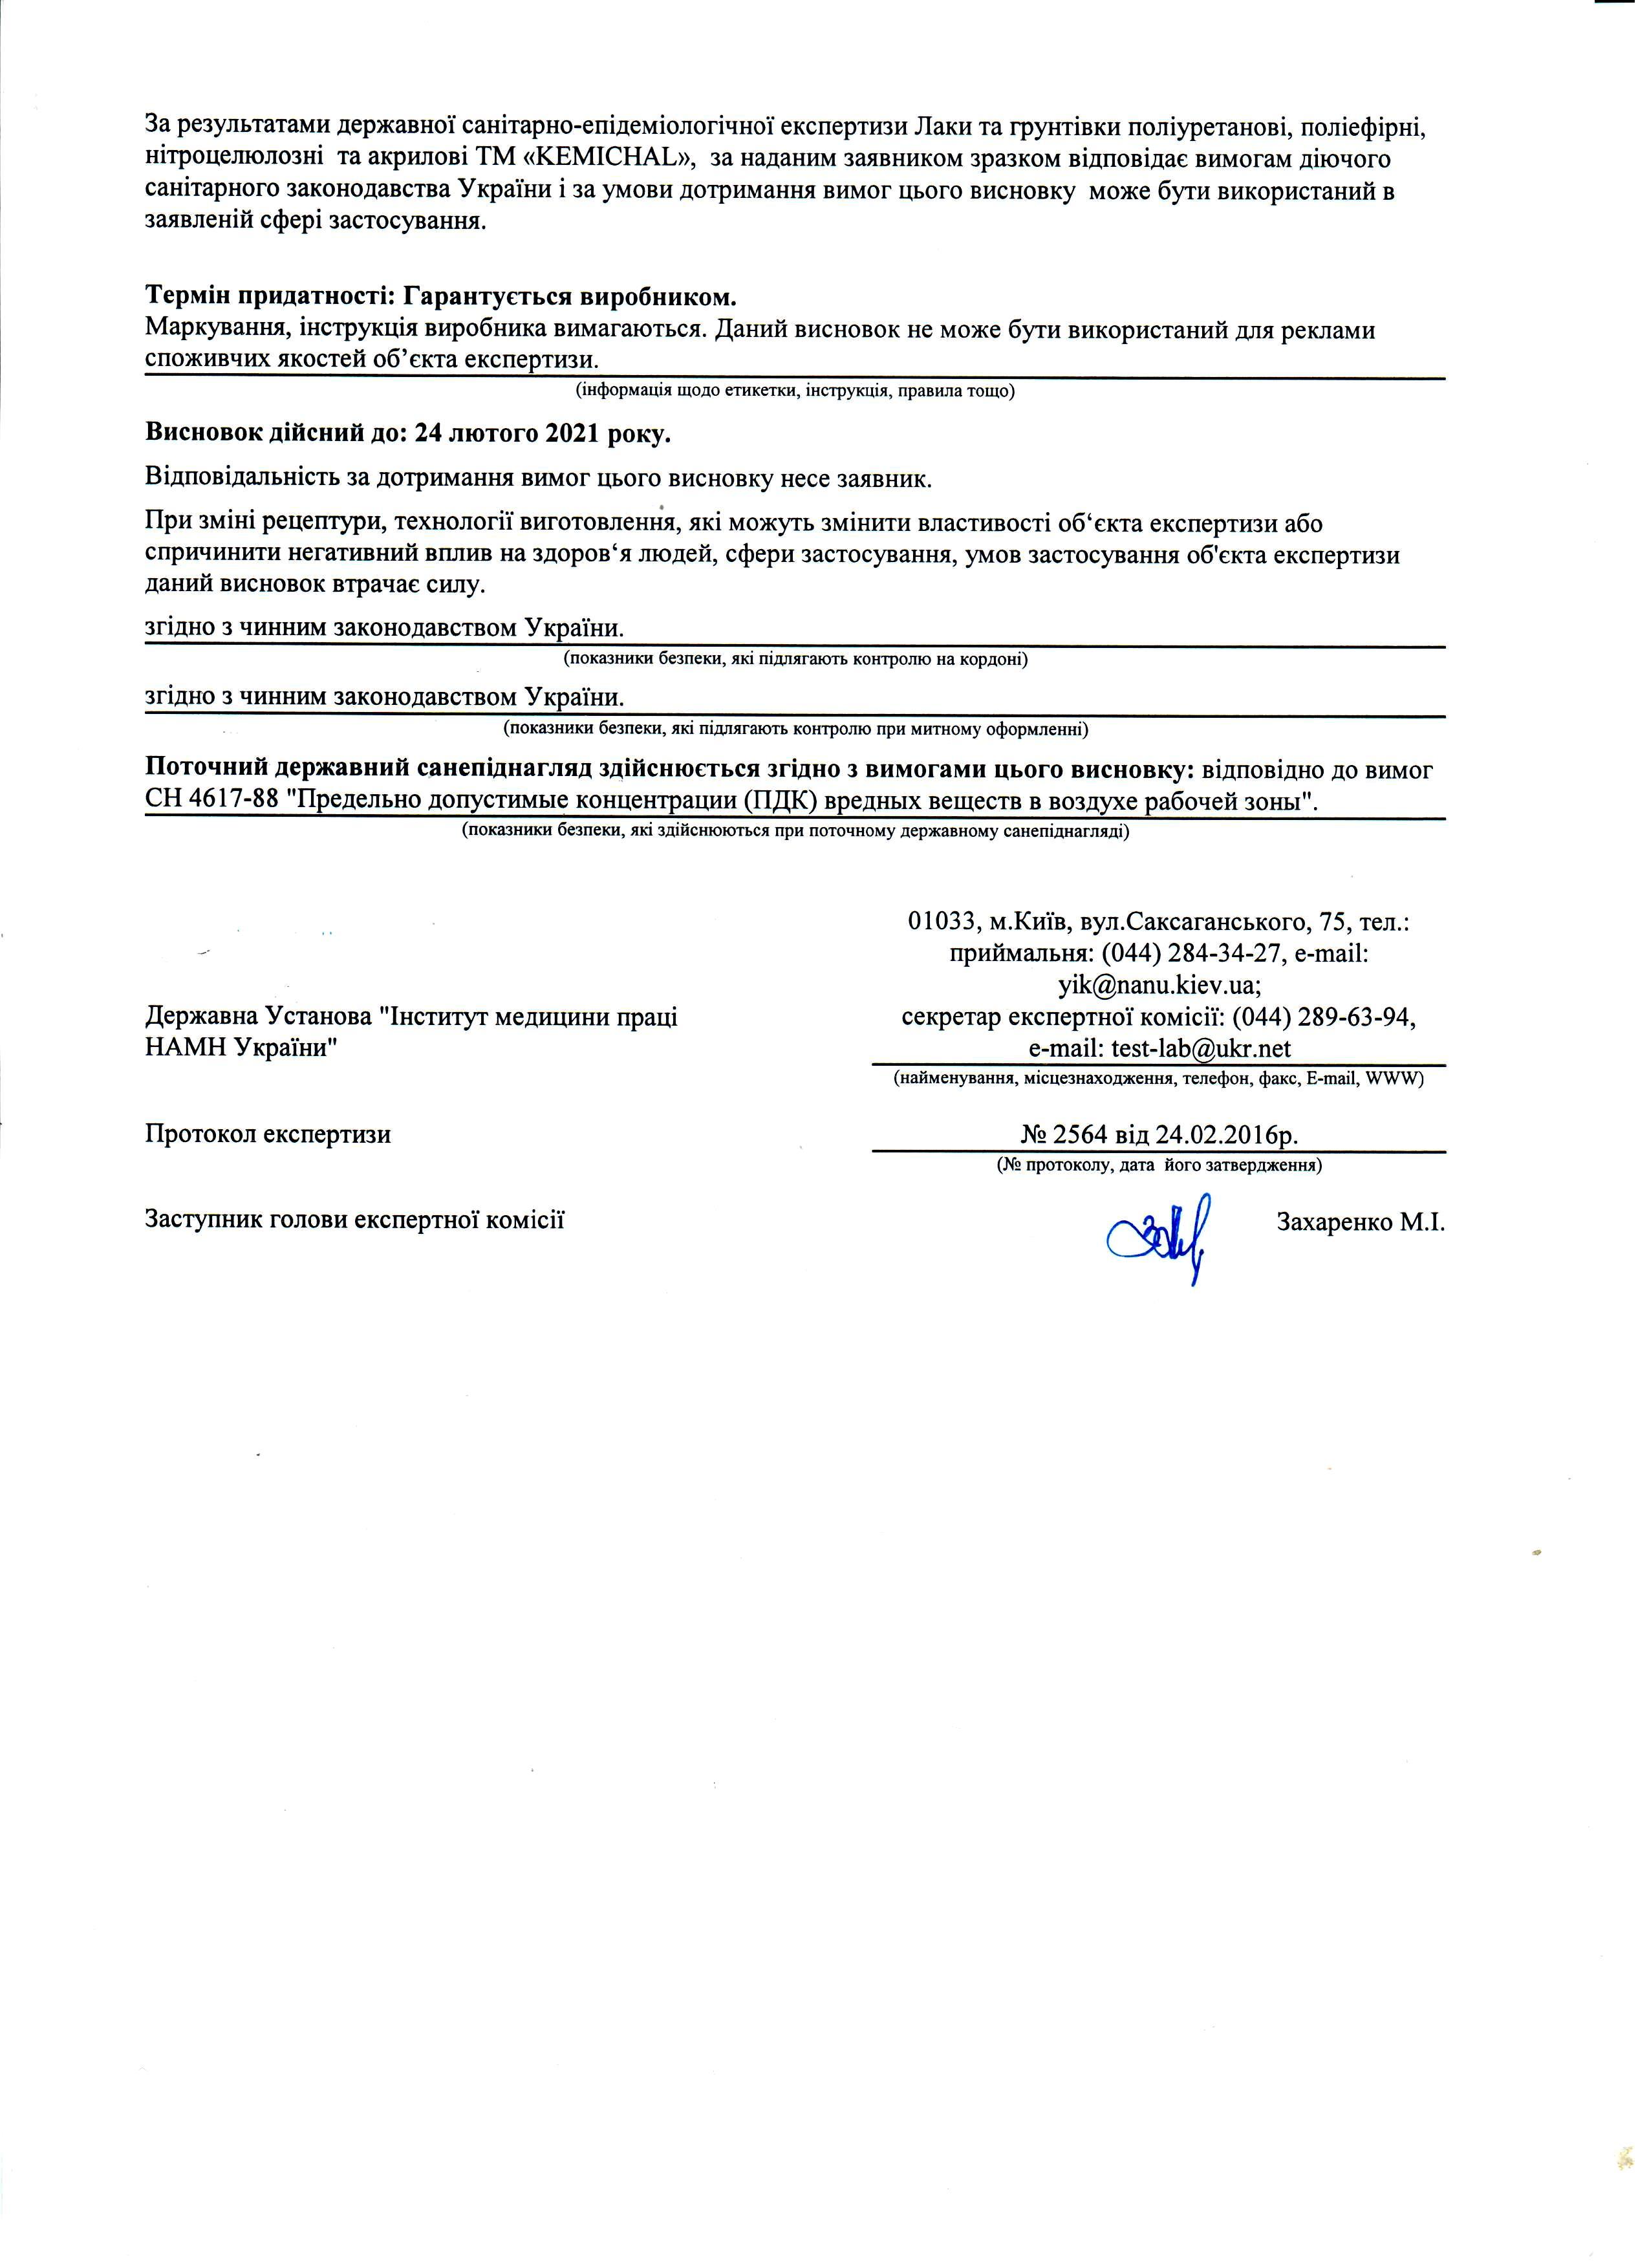 Дополнение к санитарно-гигиеническому заключению за 2016 год